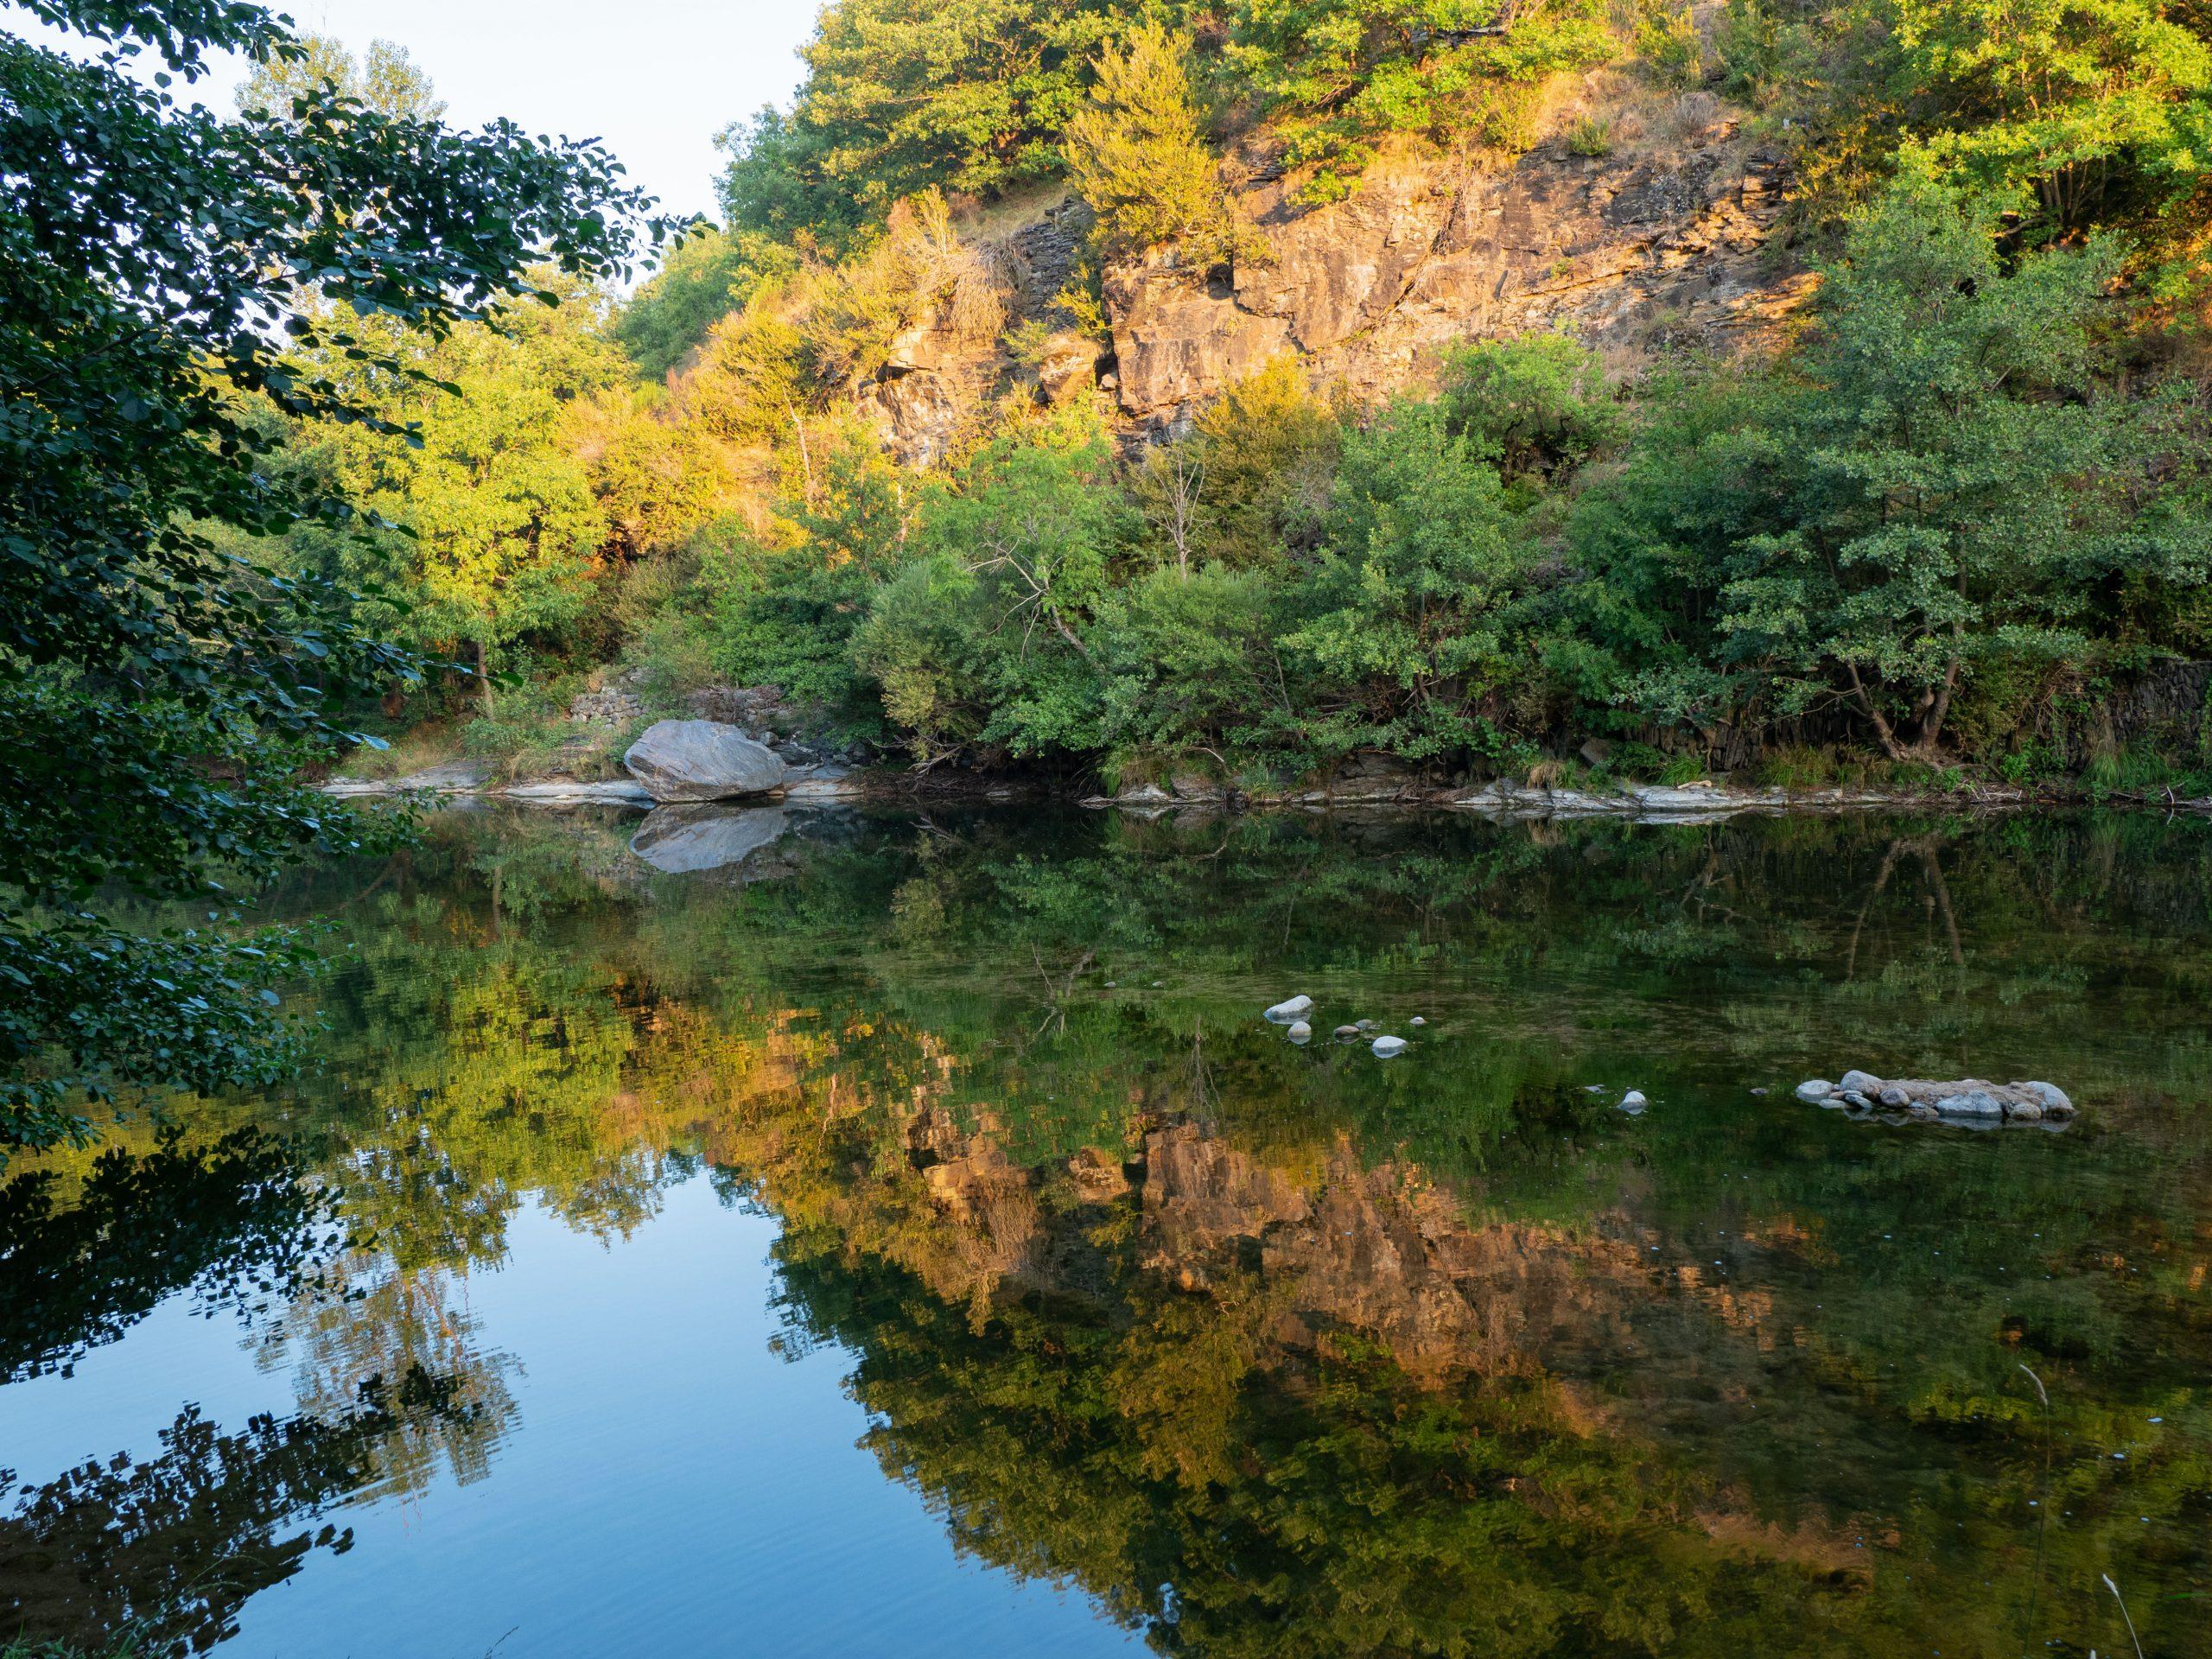 The Tarn - Early Autumn